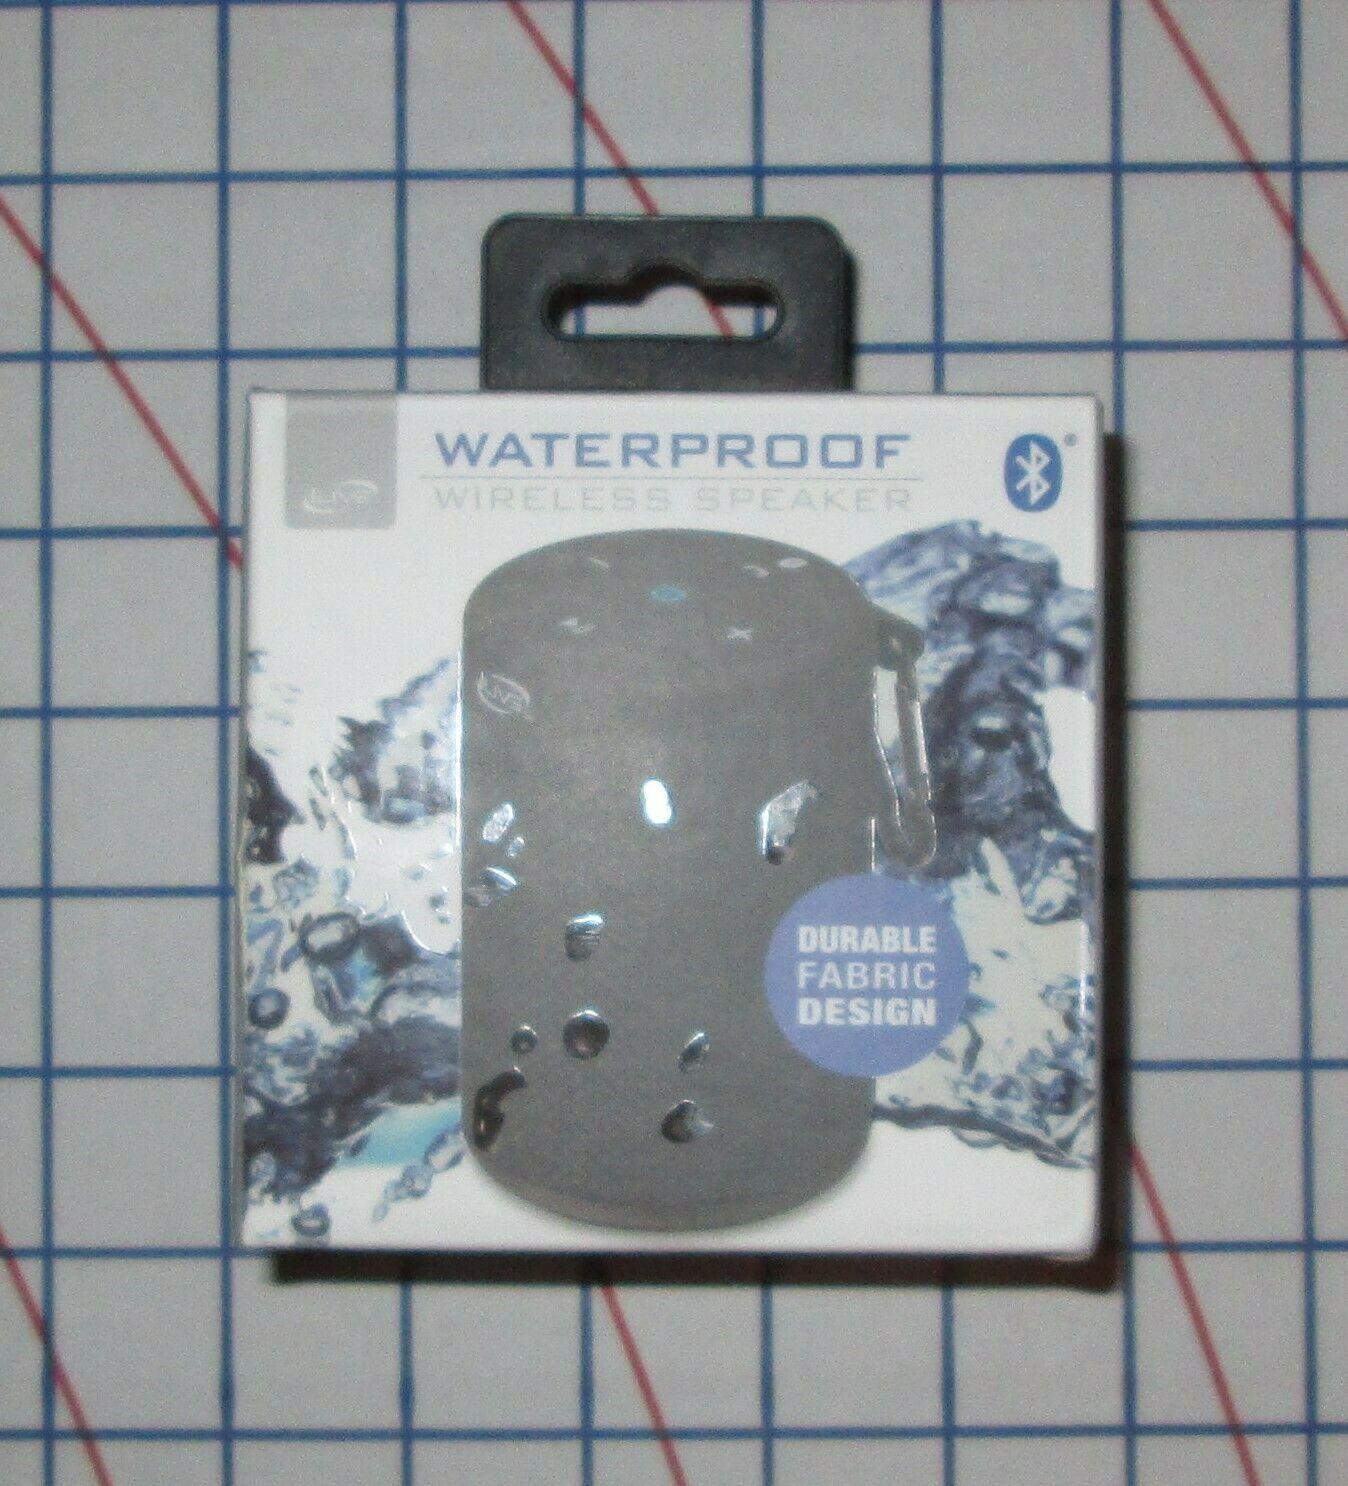 Ilive Waterproof Wireless Speaker Bluetooth Rechargeable Battery